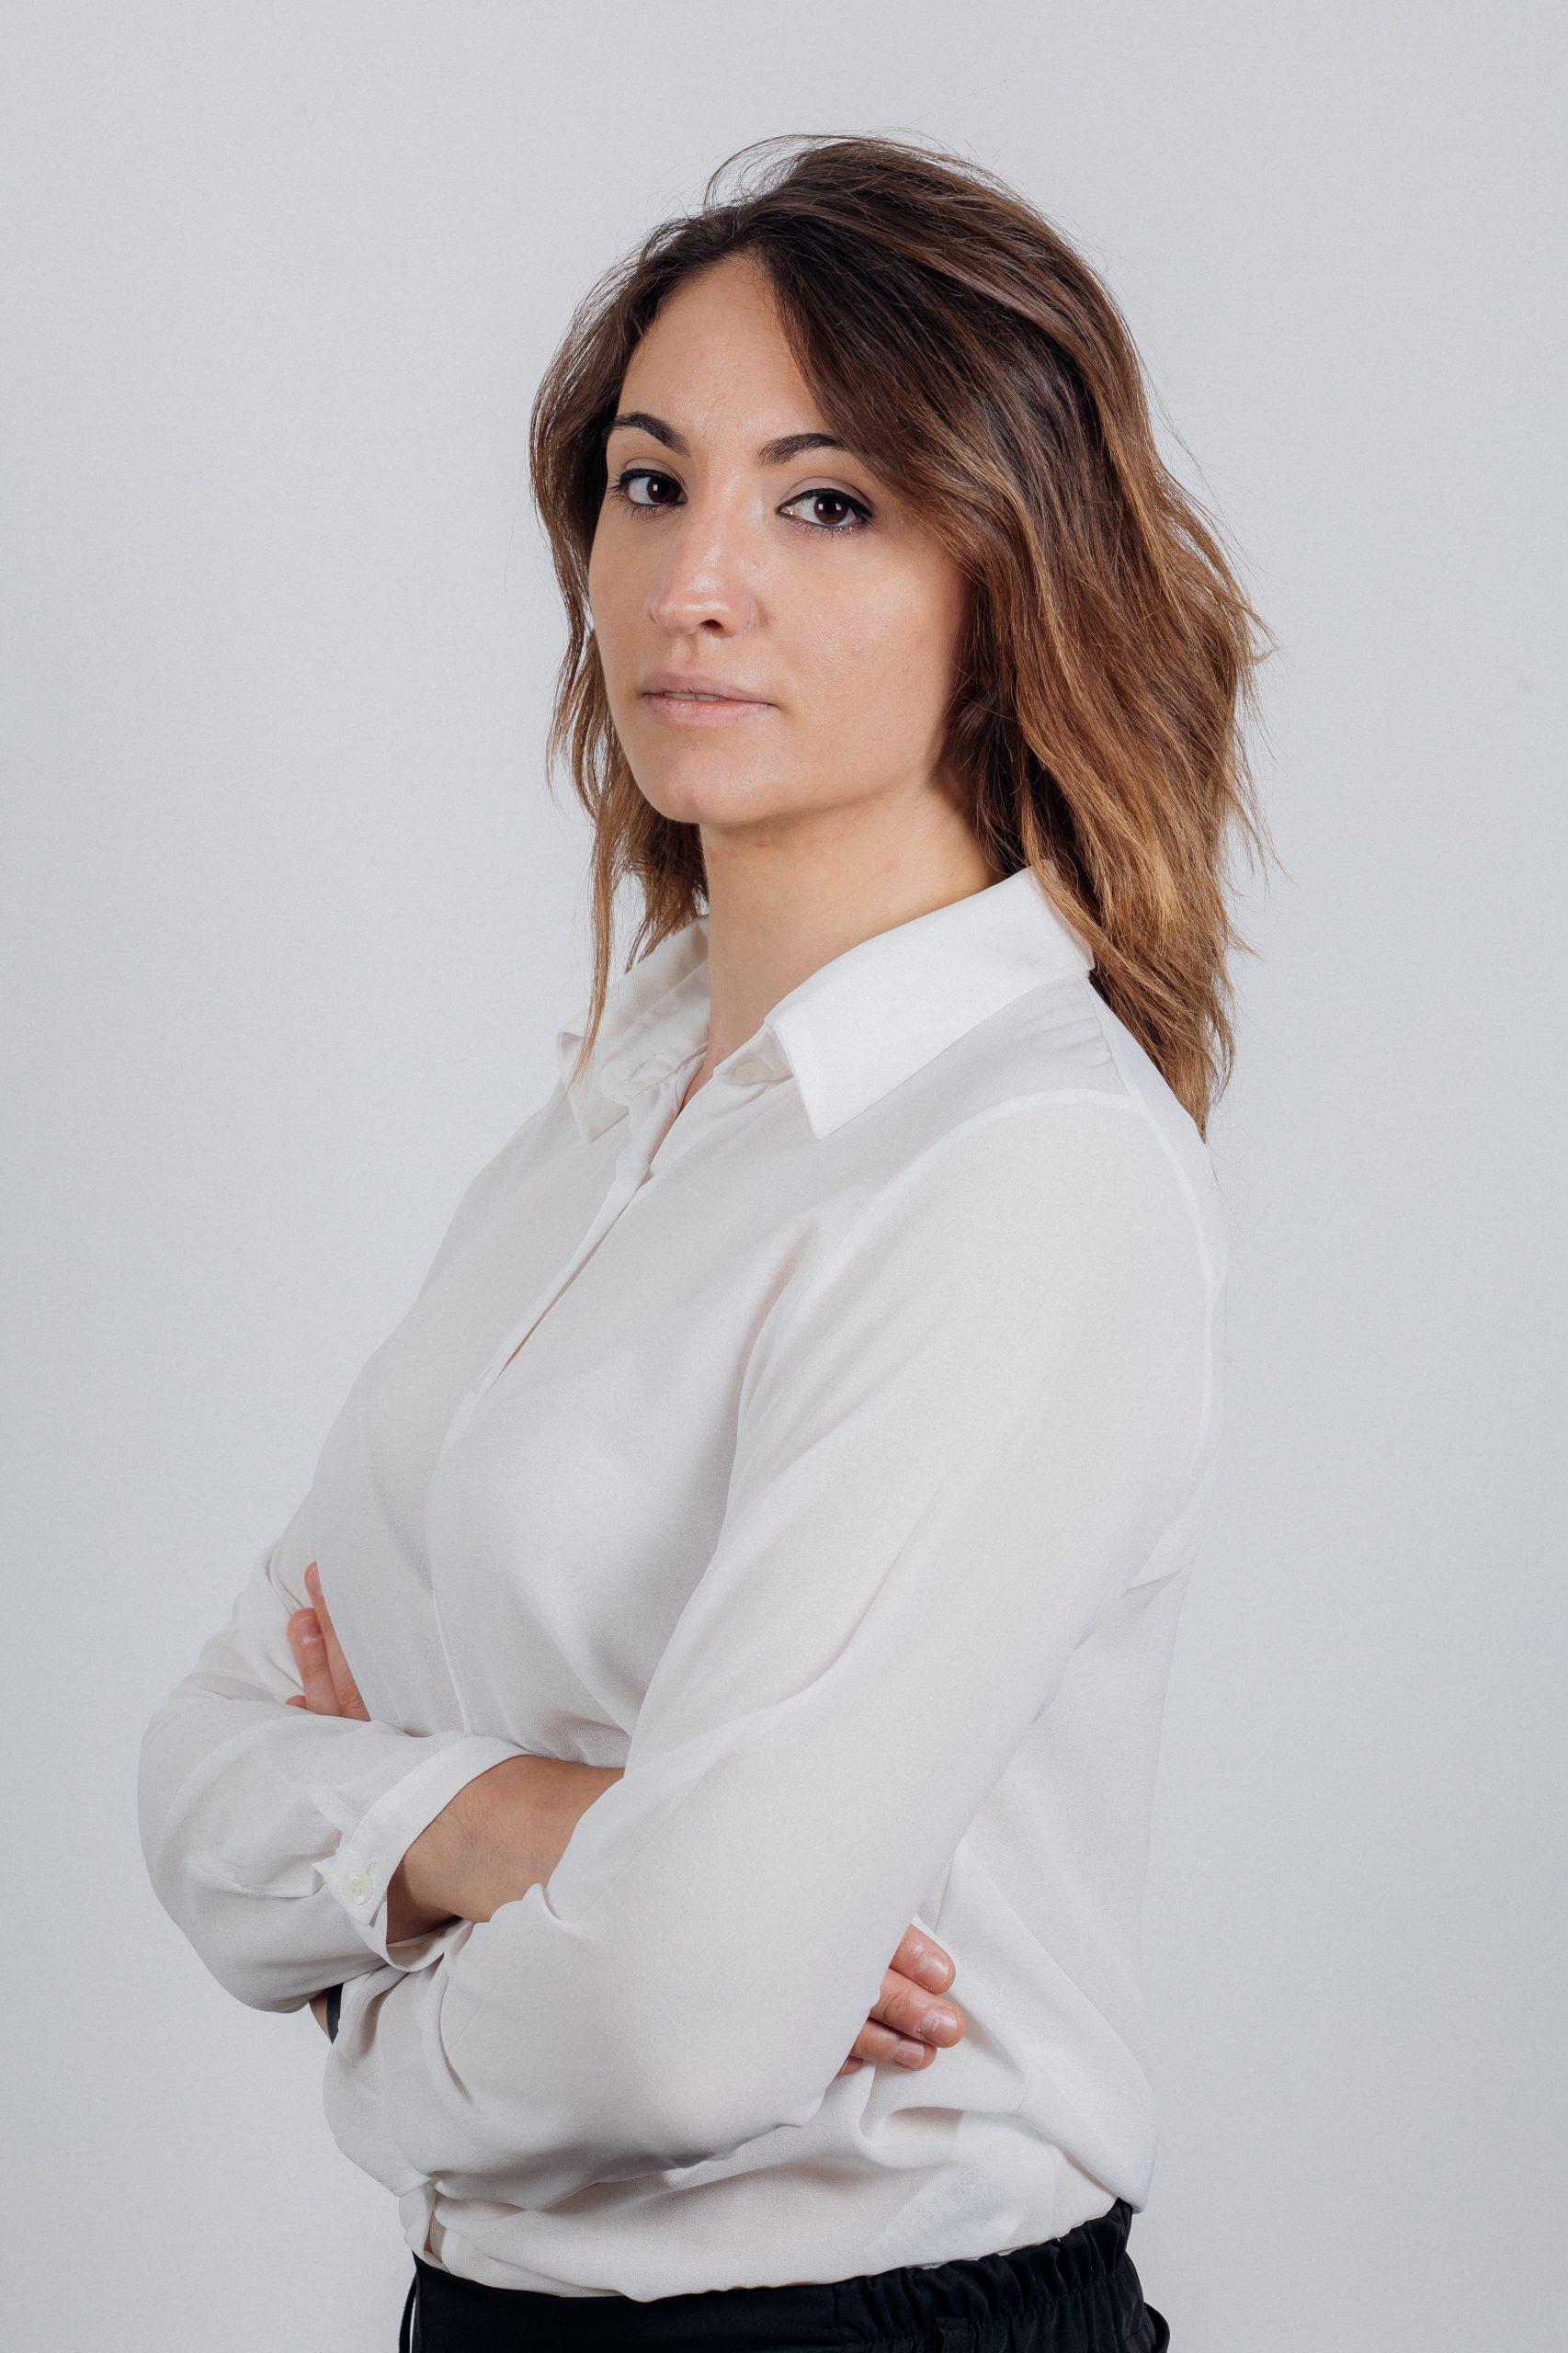 Stefania Mazzoni - Etc Engineering Solutions Progettazione Controllo Processi Efficientamento Impiantii Acque Reflue Trento Ingegneria